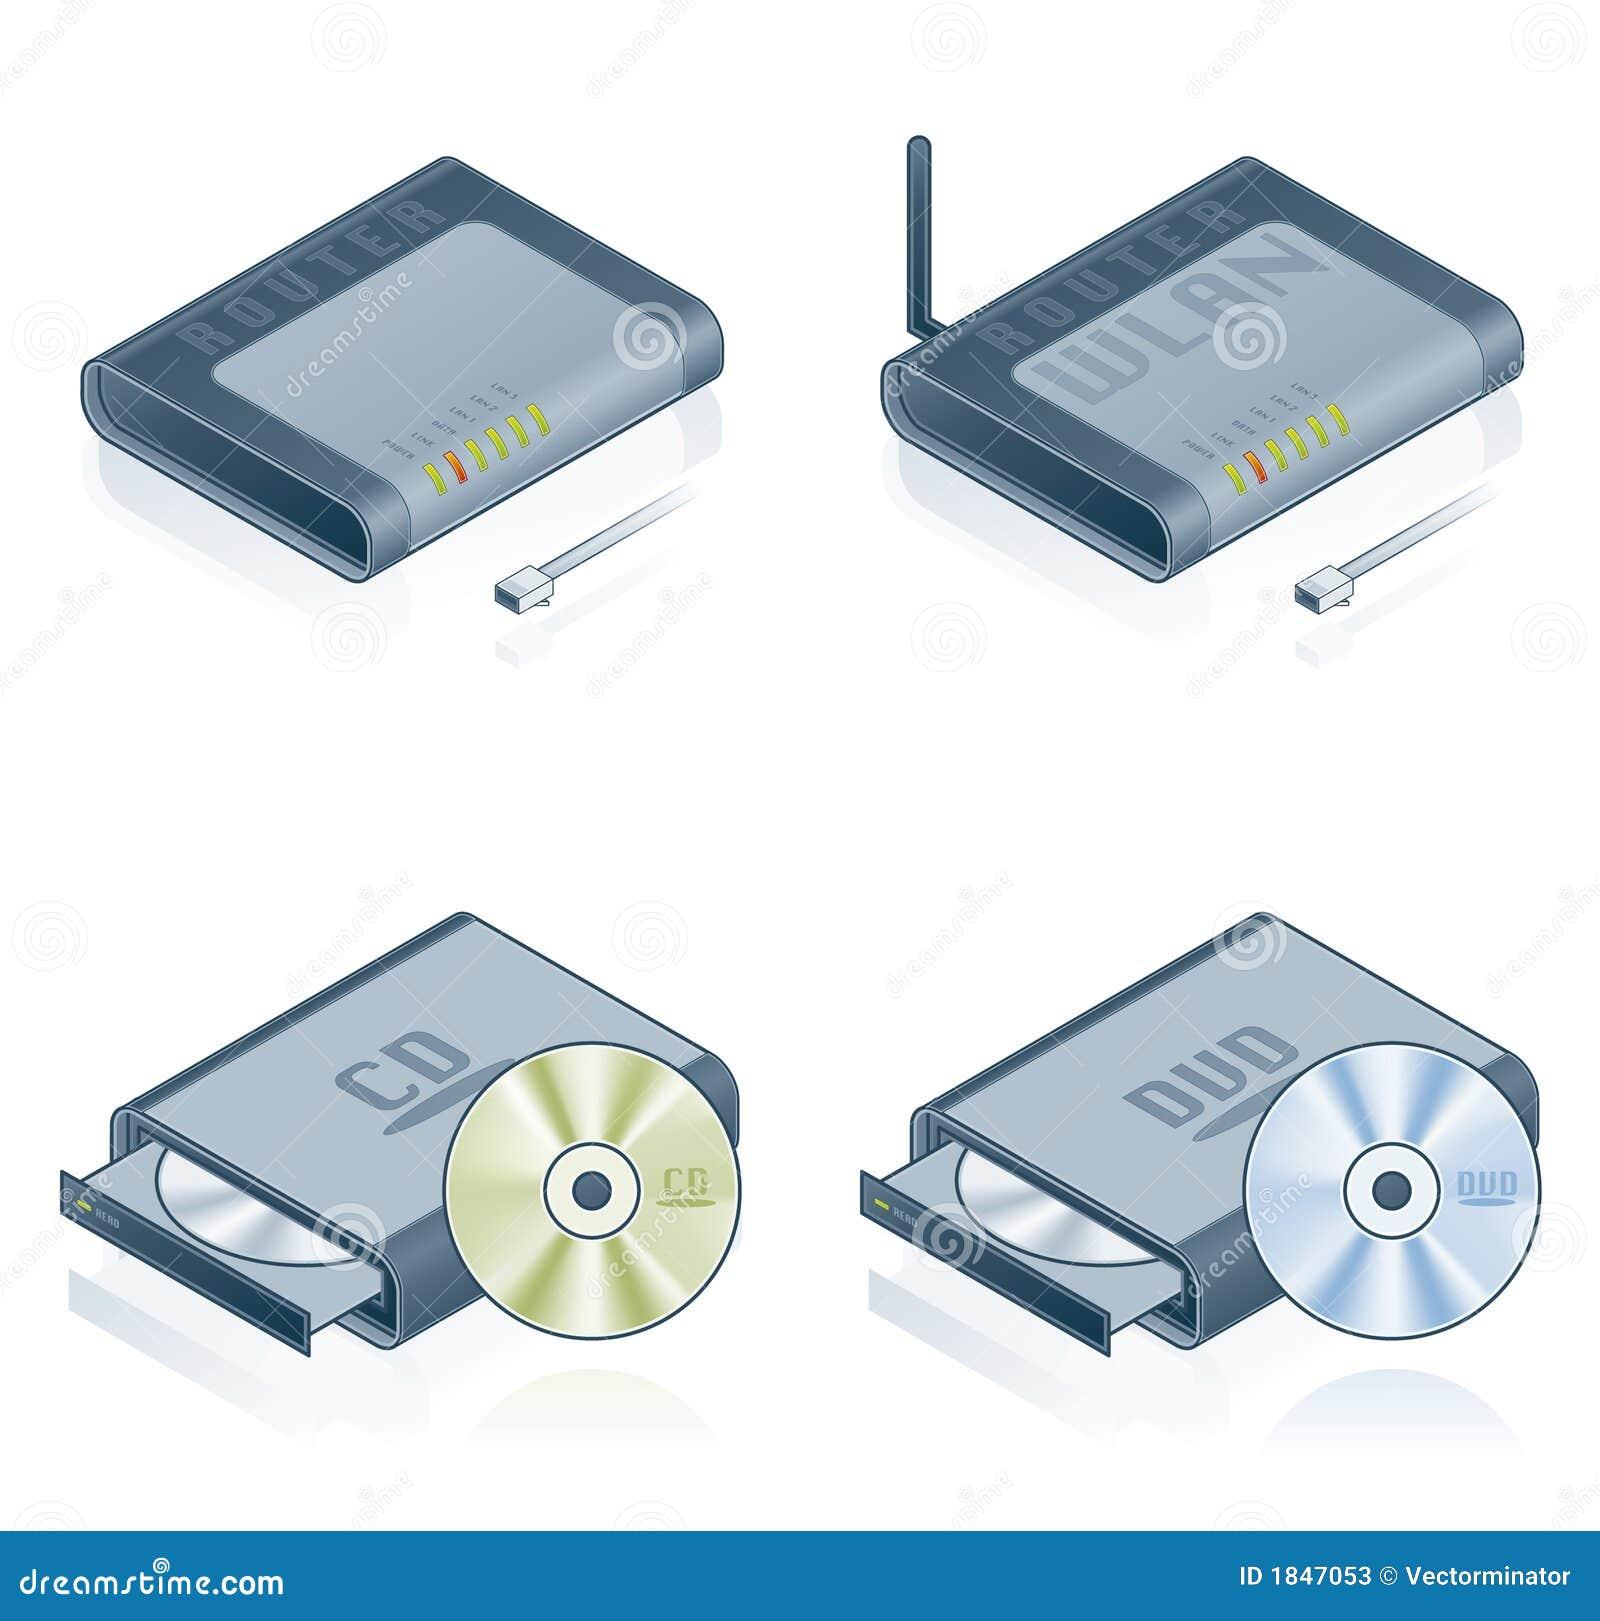 Geplaatste de Pictogrammen van de Hardware van de computer - de Elementen van het Ontwerp 55b